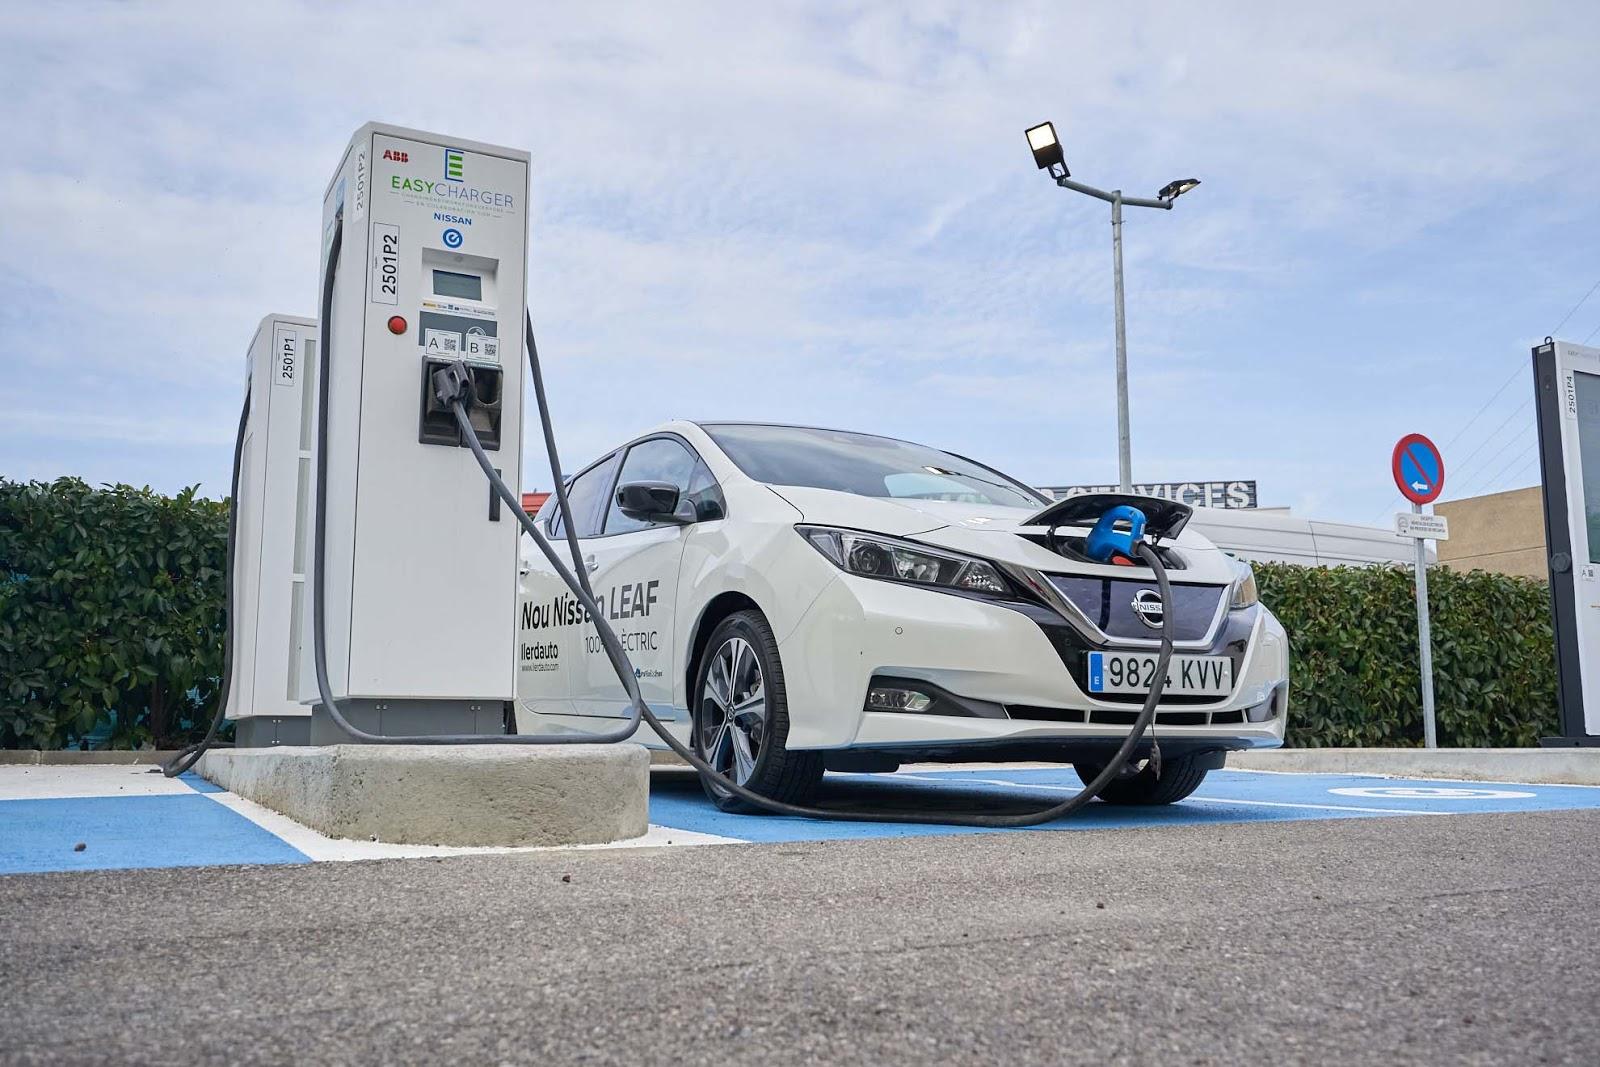 EC2501 20 10 21 A7305535 marketing Η Nissan και η Easycharger κάνουν πραγματικότητα τα ταξίδια μεγάλων αποστάσεων με ηλεκτρικά οχήματα, στην Καταλονία